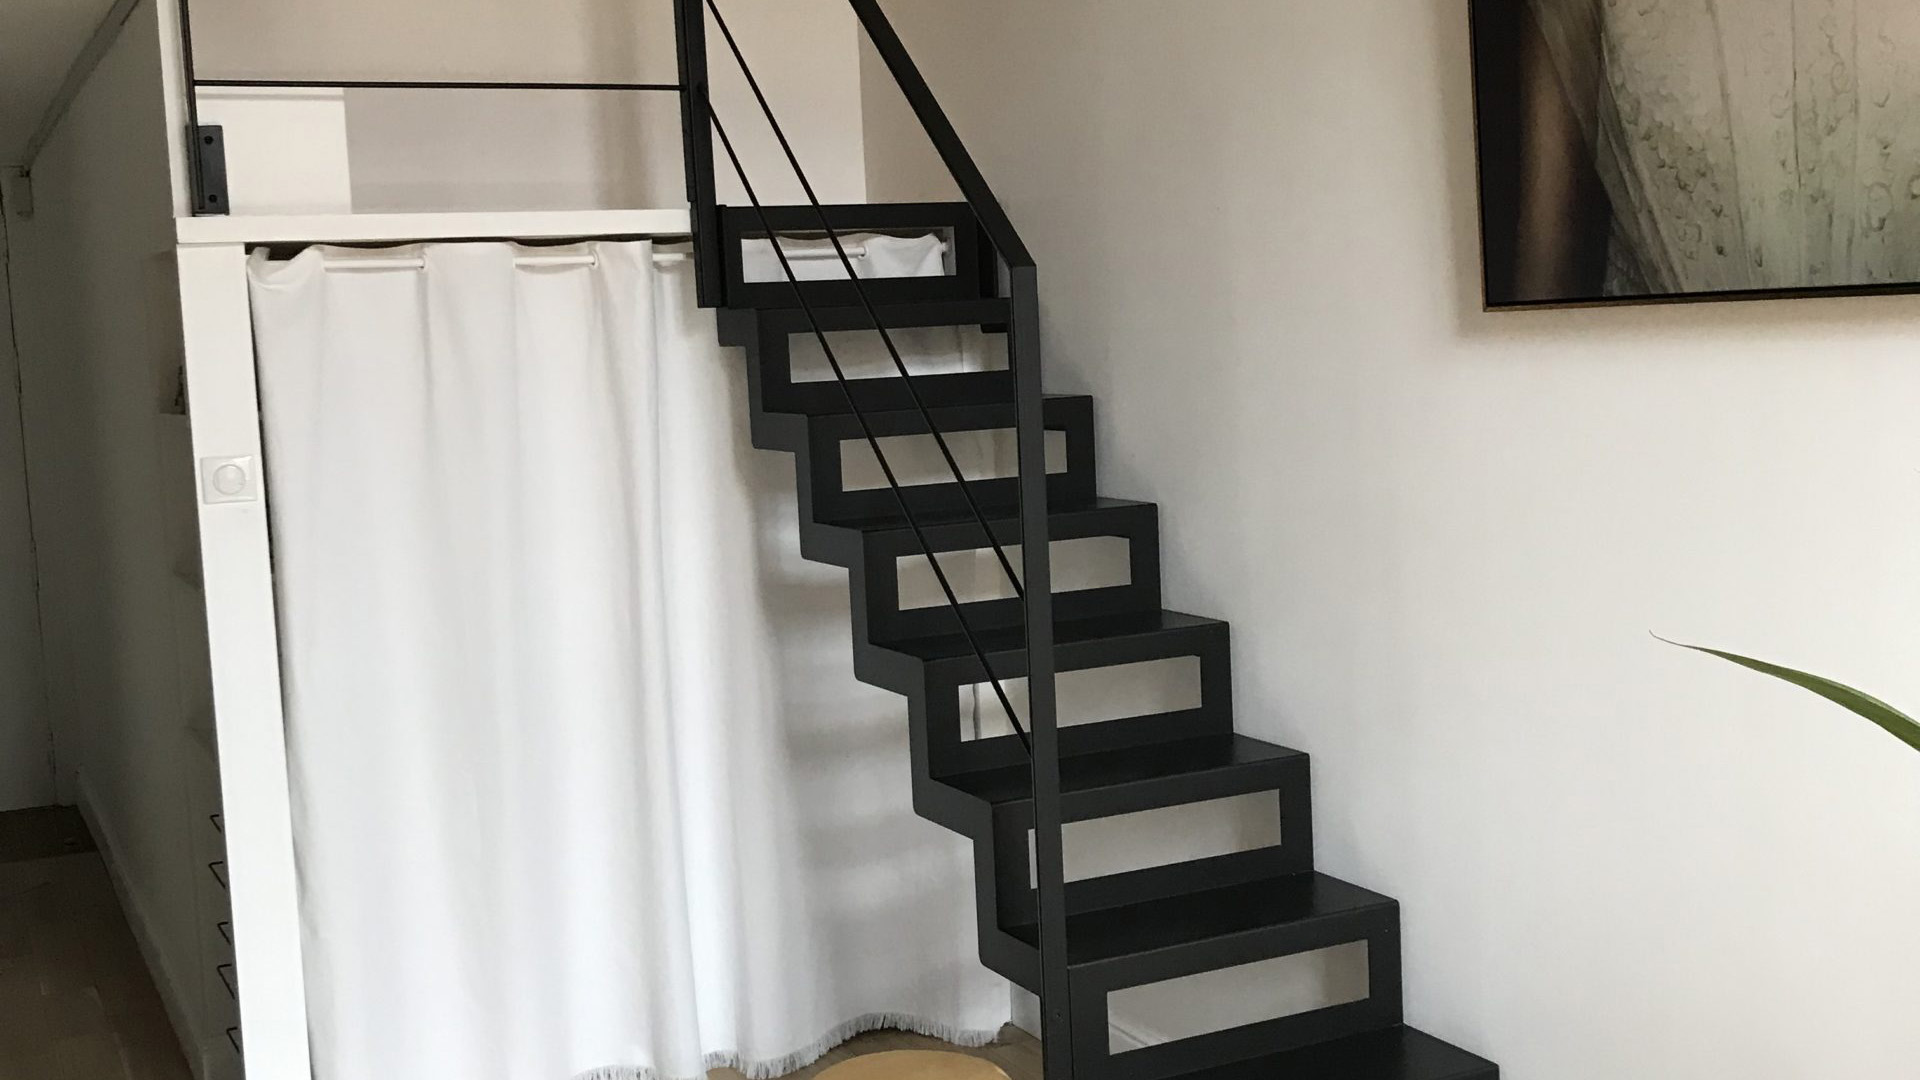 Escalier métallique interieur Toulouse